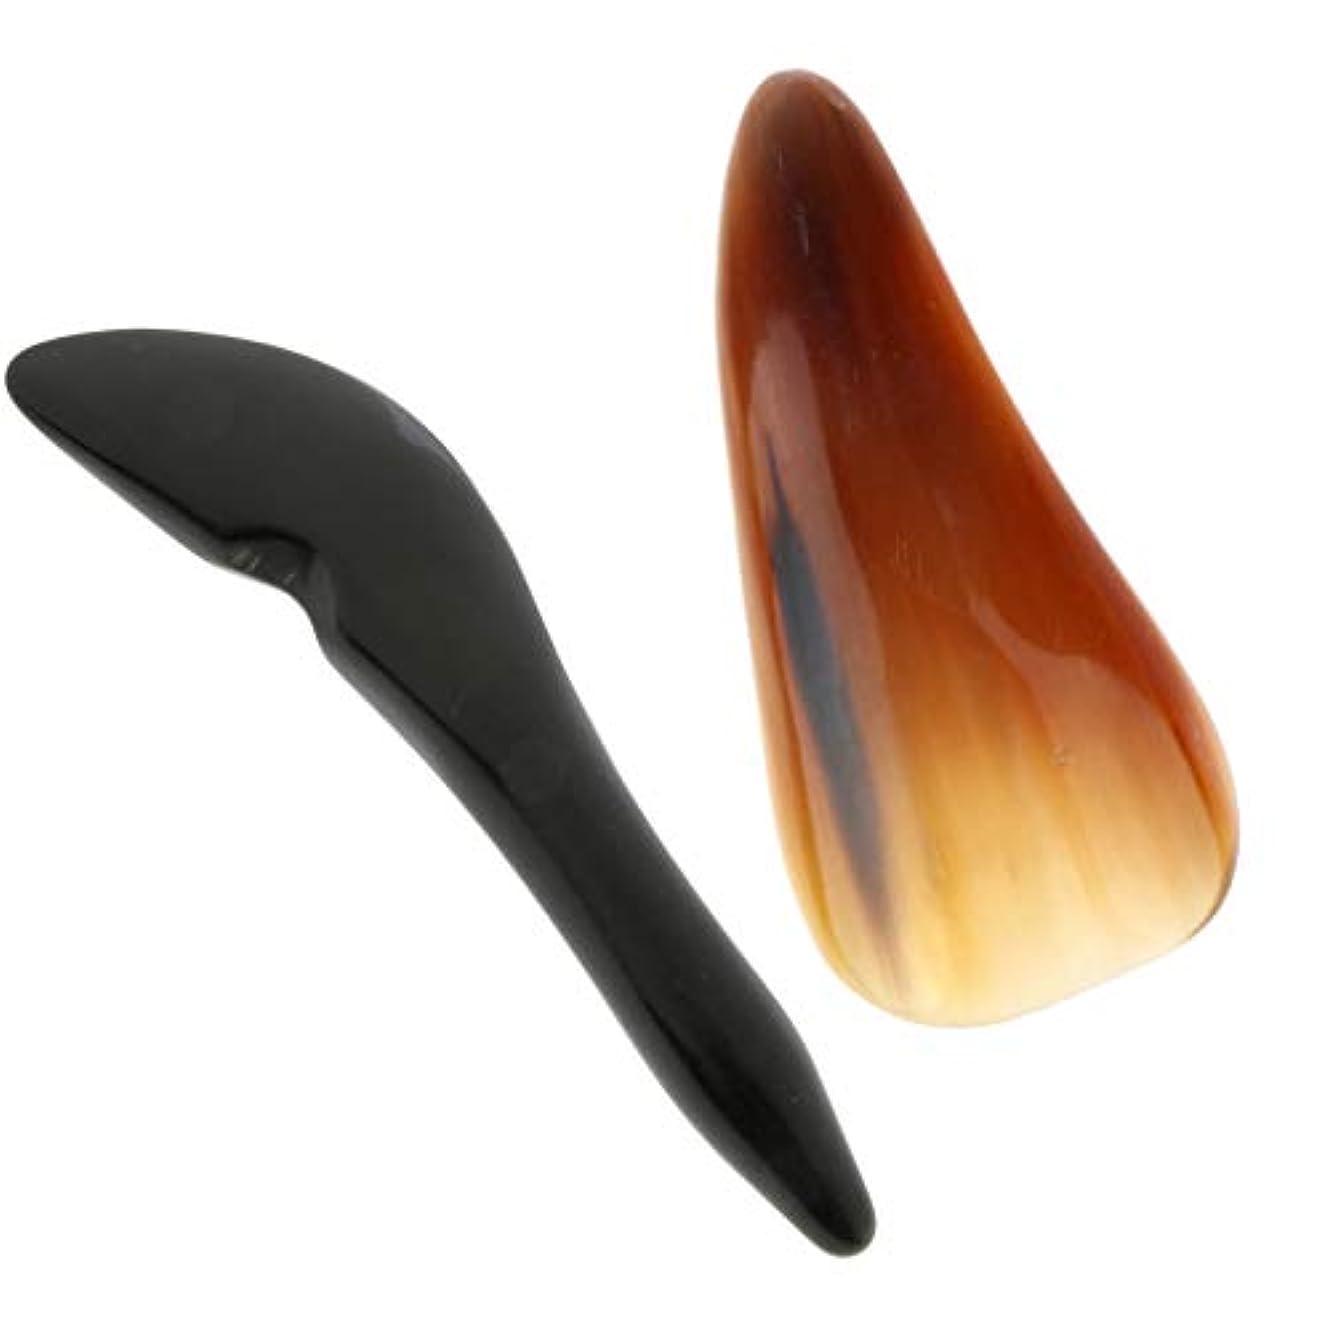 感情のチューリップ改修D DOLITY マッサージツール グアシャ スクレーパー ボード スクレーピング 使いやすい 2個入